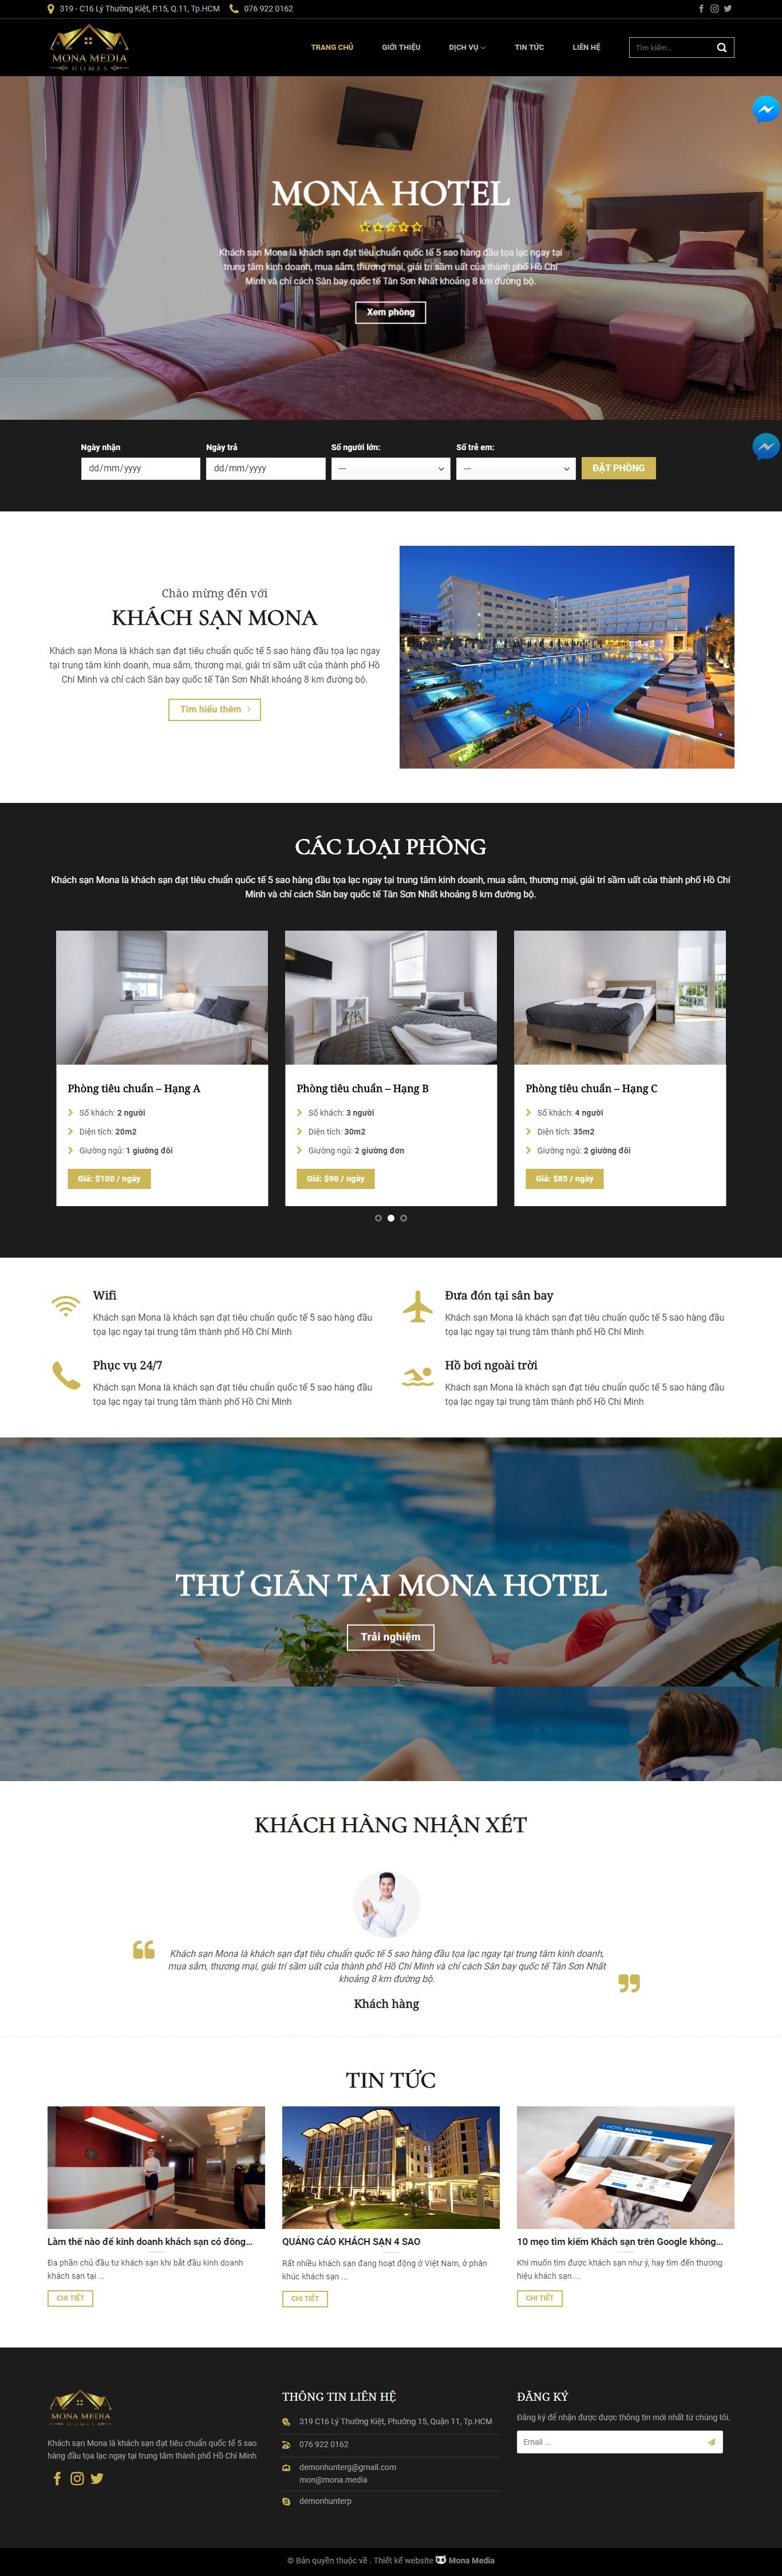 Mẫu website hotel giao diện tương tự Sohohotel